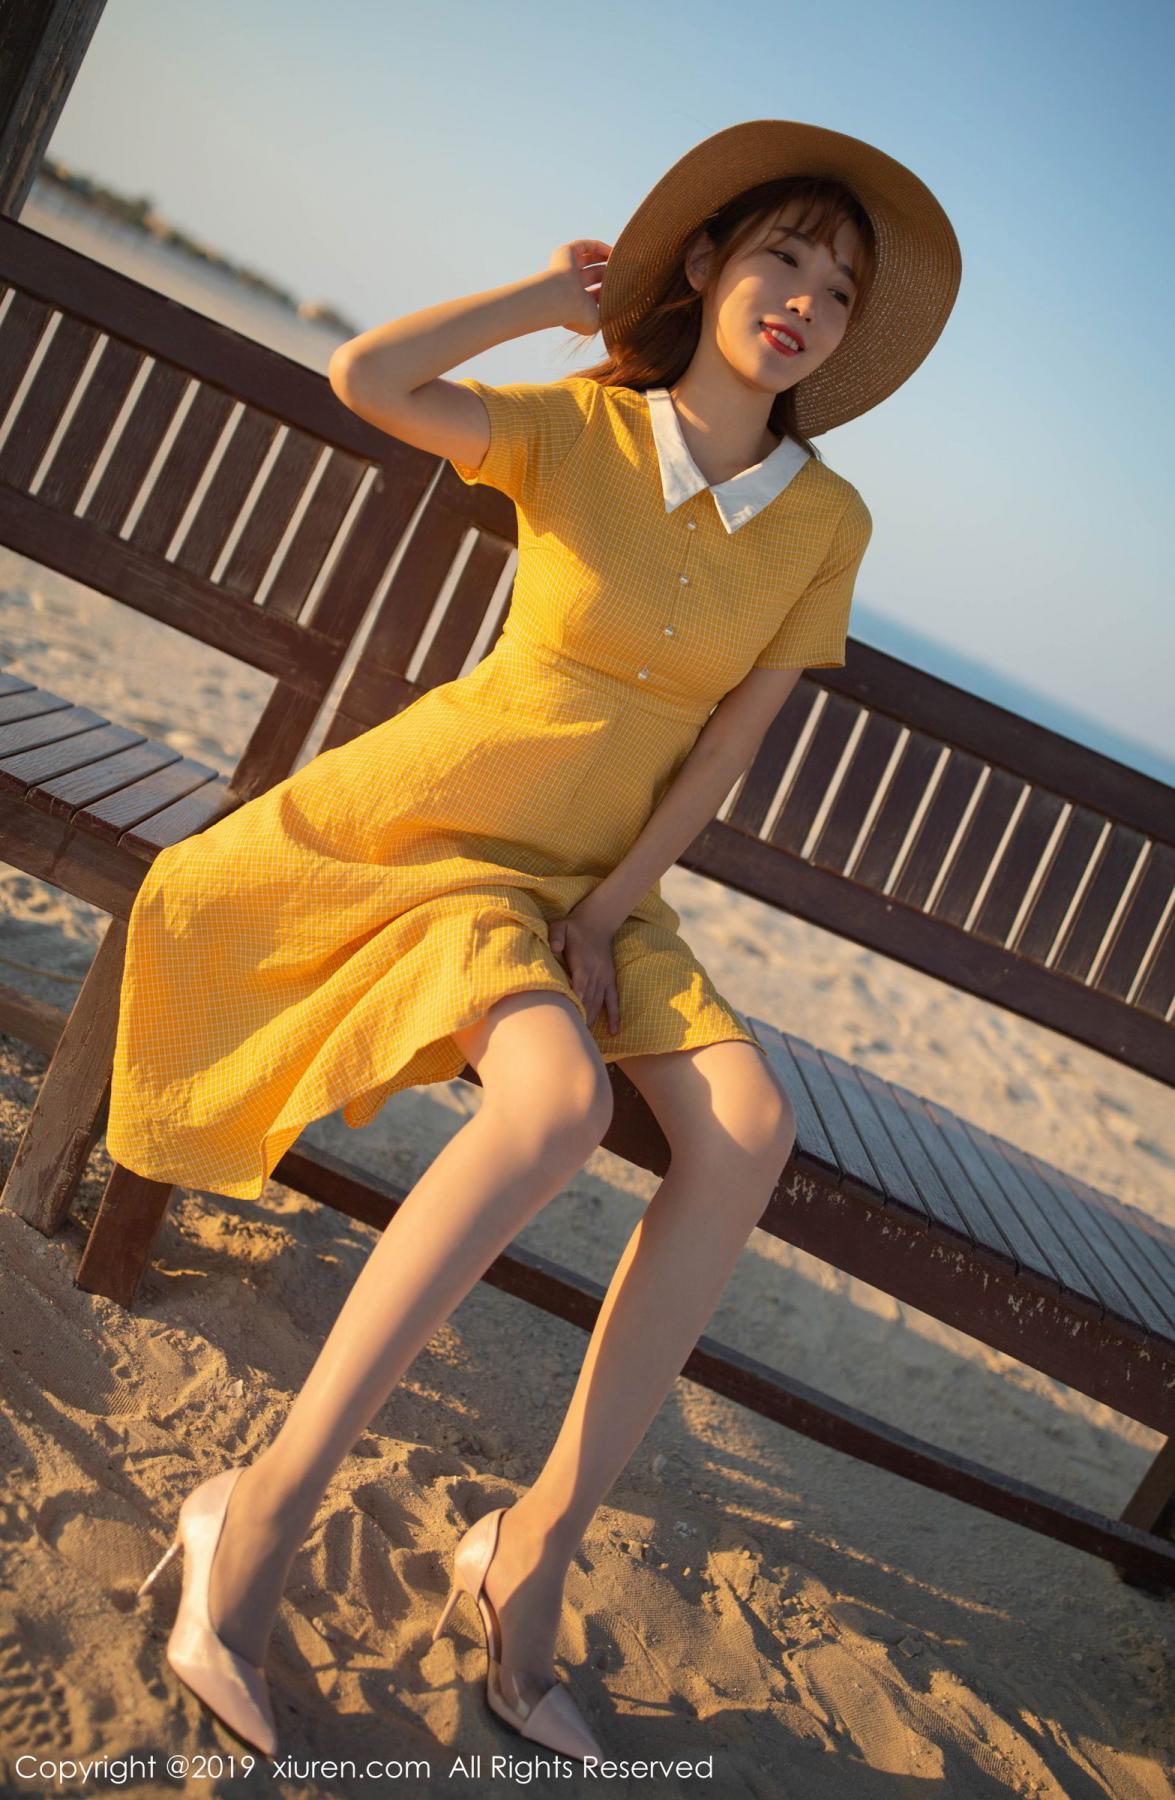 [XiuRen] Vol.1812 Lu Xuan Xuan 11P, Lu Xuan Xuan, Outdoor, Underwear, Xiuren